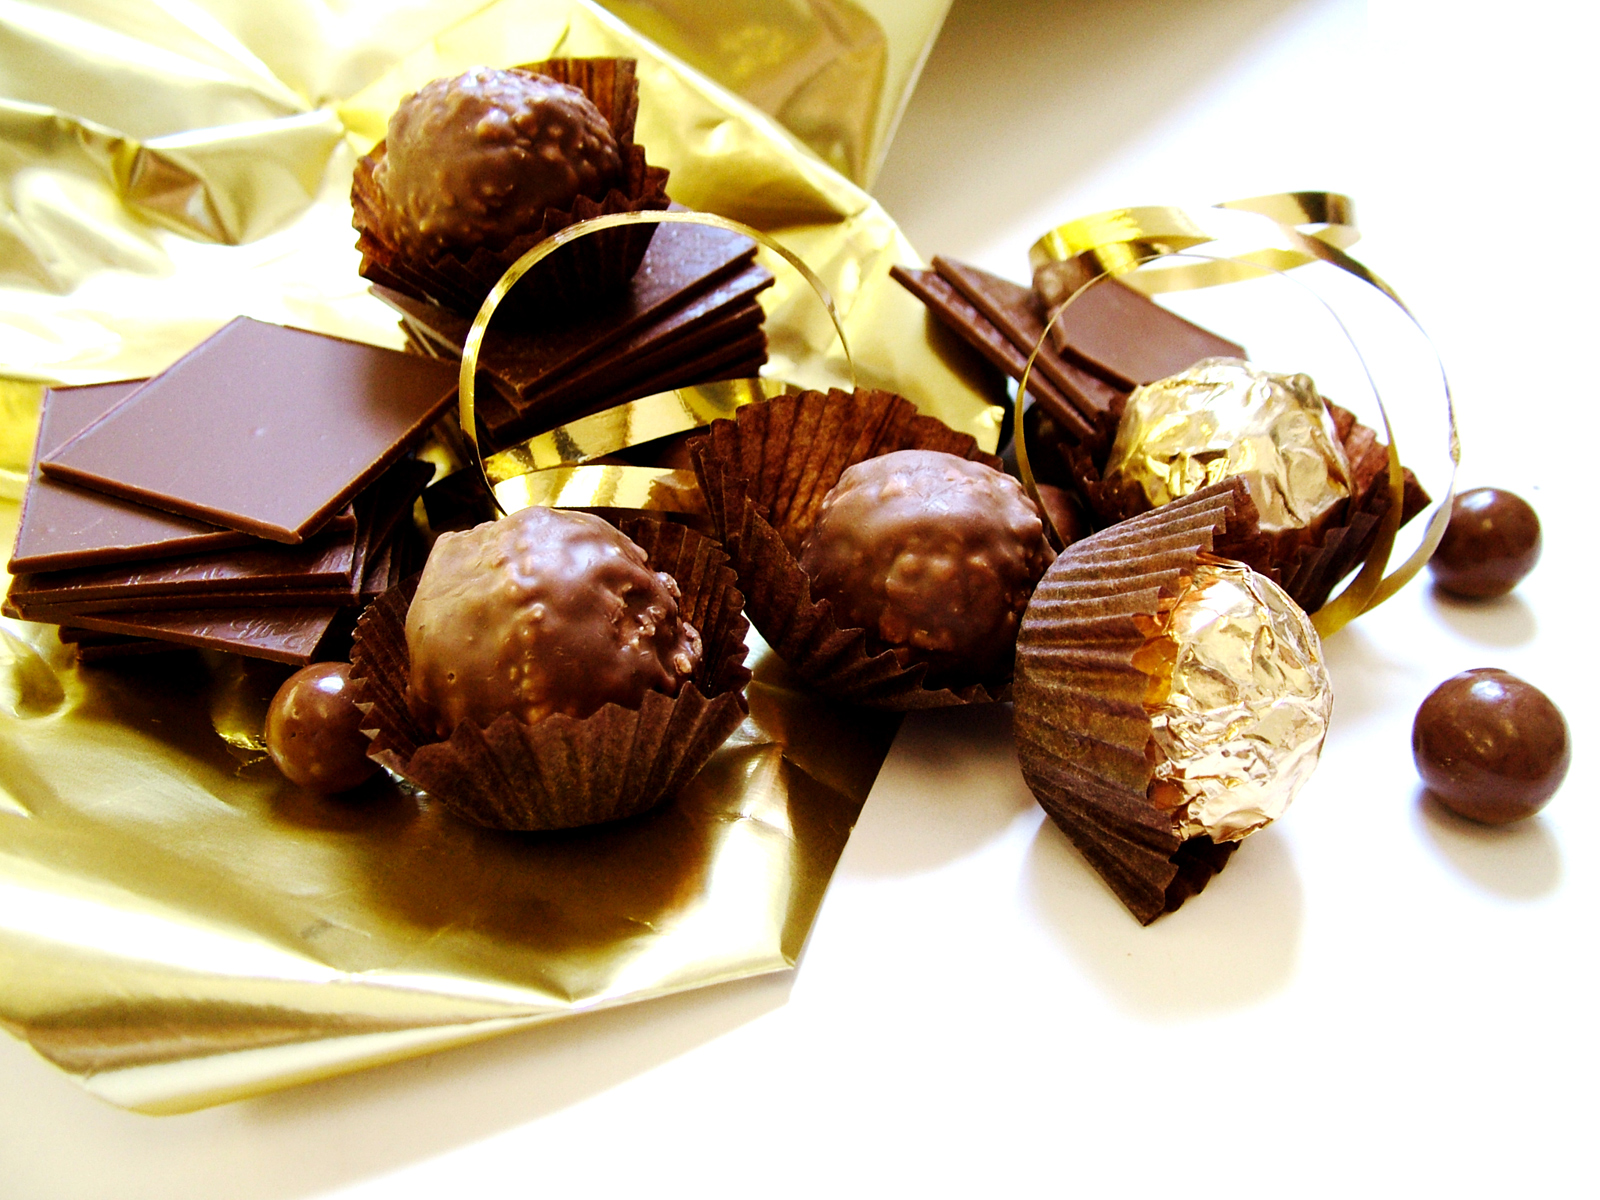 Nie rezygnuj ze słodyczy, czyli najważniejsza cecha dobrego specjalisty PR w 2015 roku